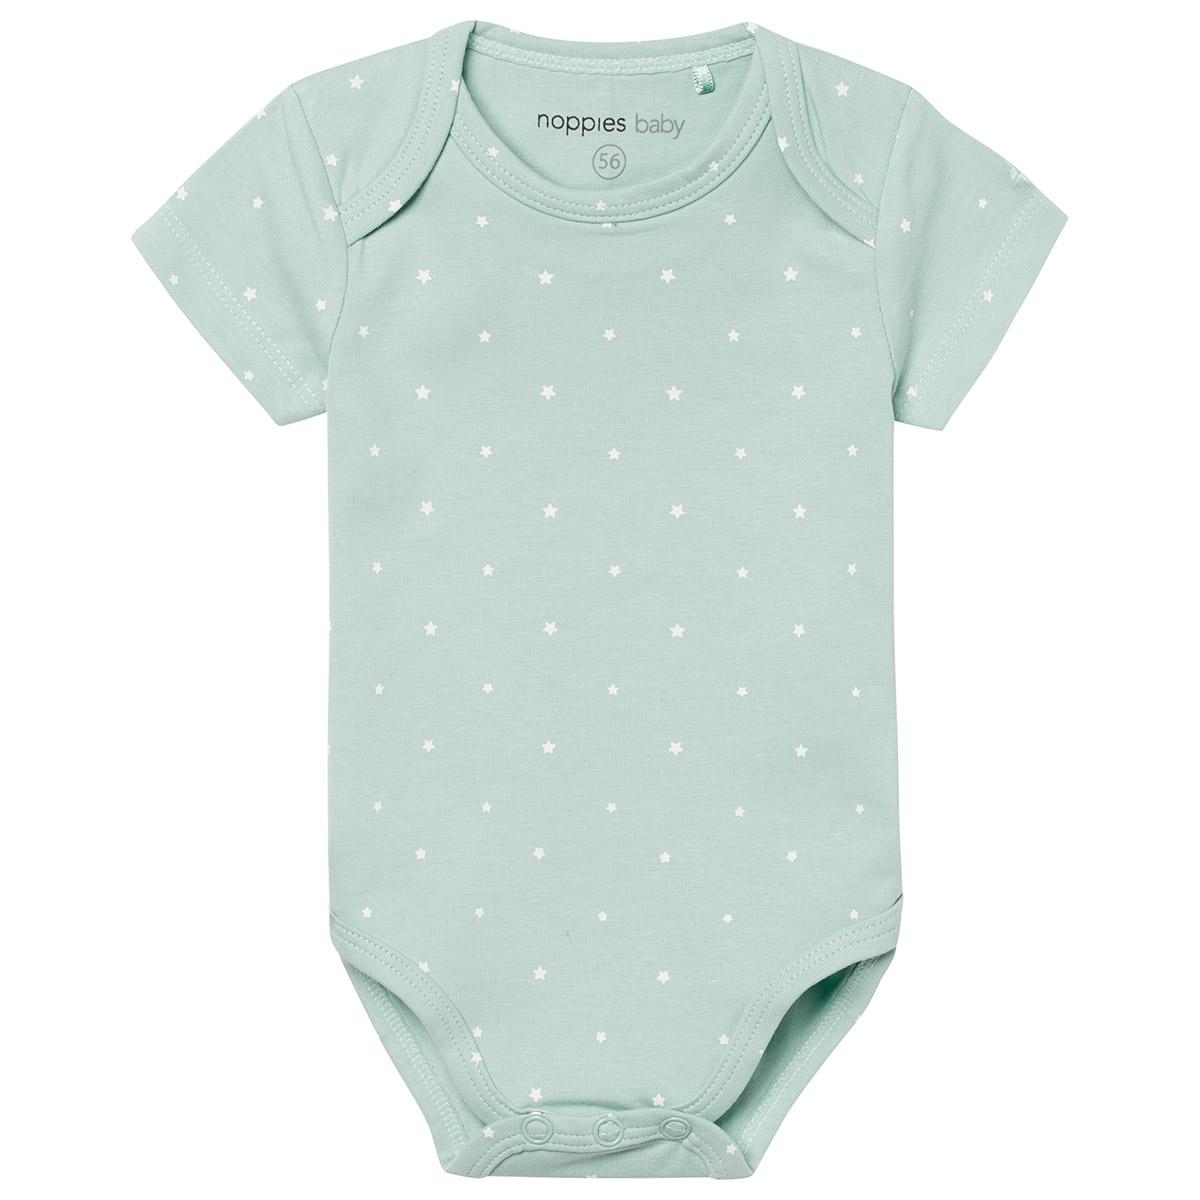 9f2309afd1d Baby rompers korte mouw bestel je online bij